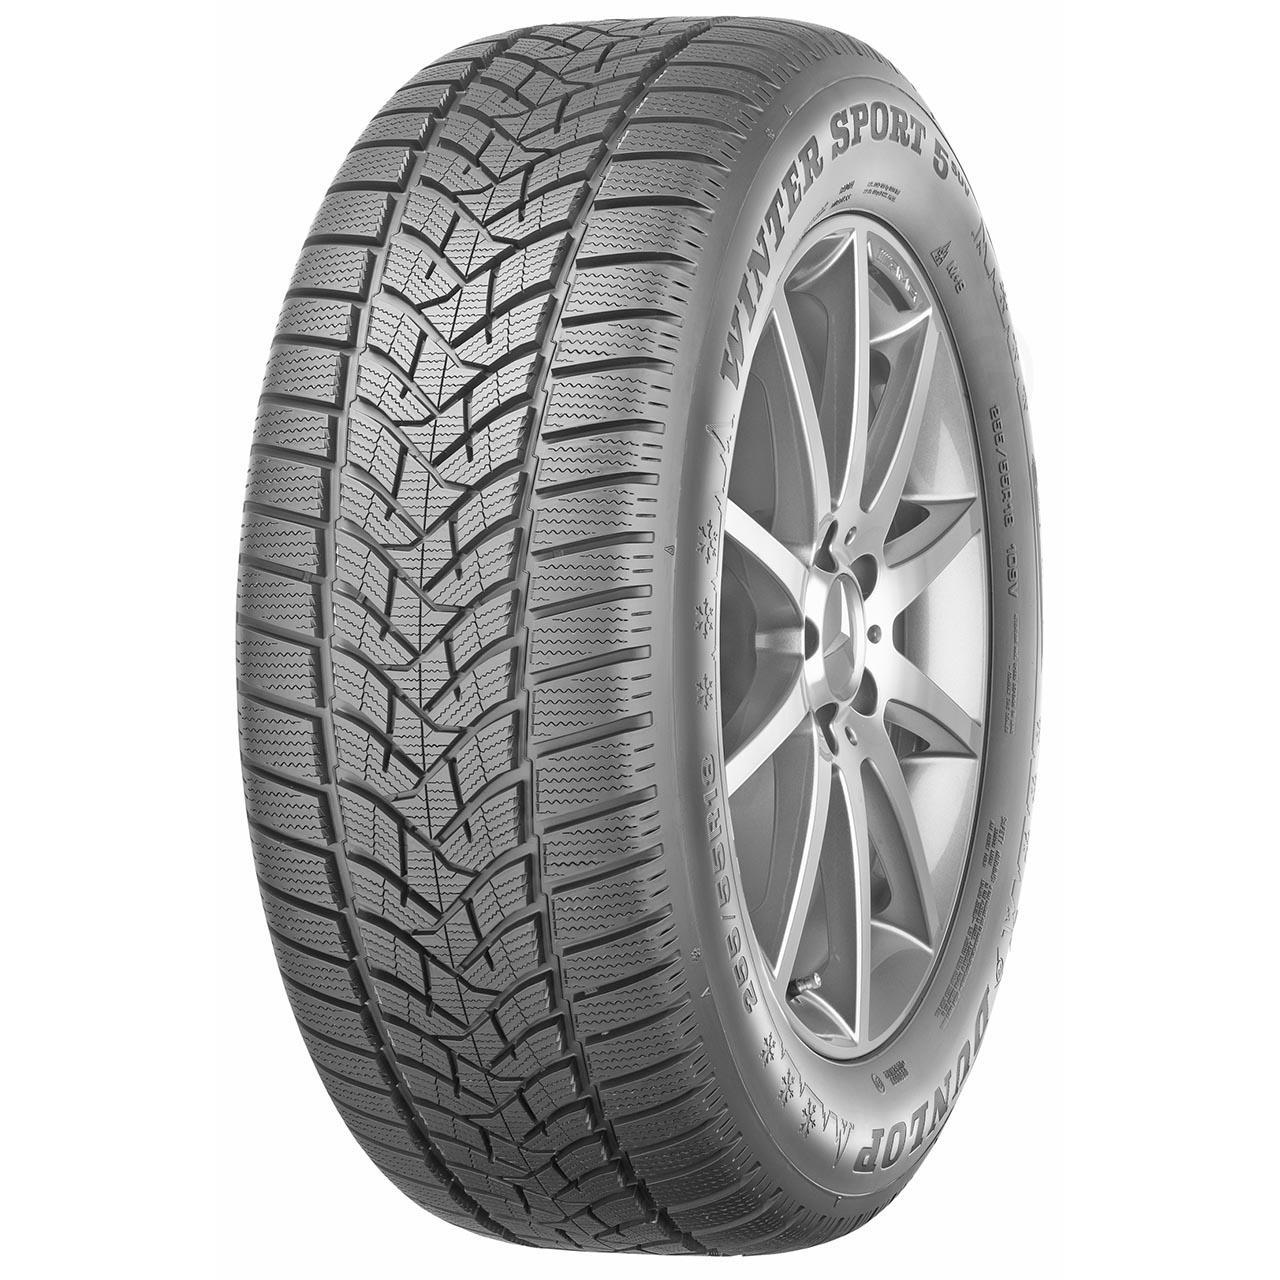 Dunlop Winter Sport 5 SUV 235/55R17 103V XL